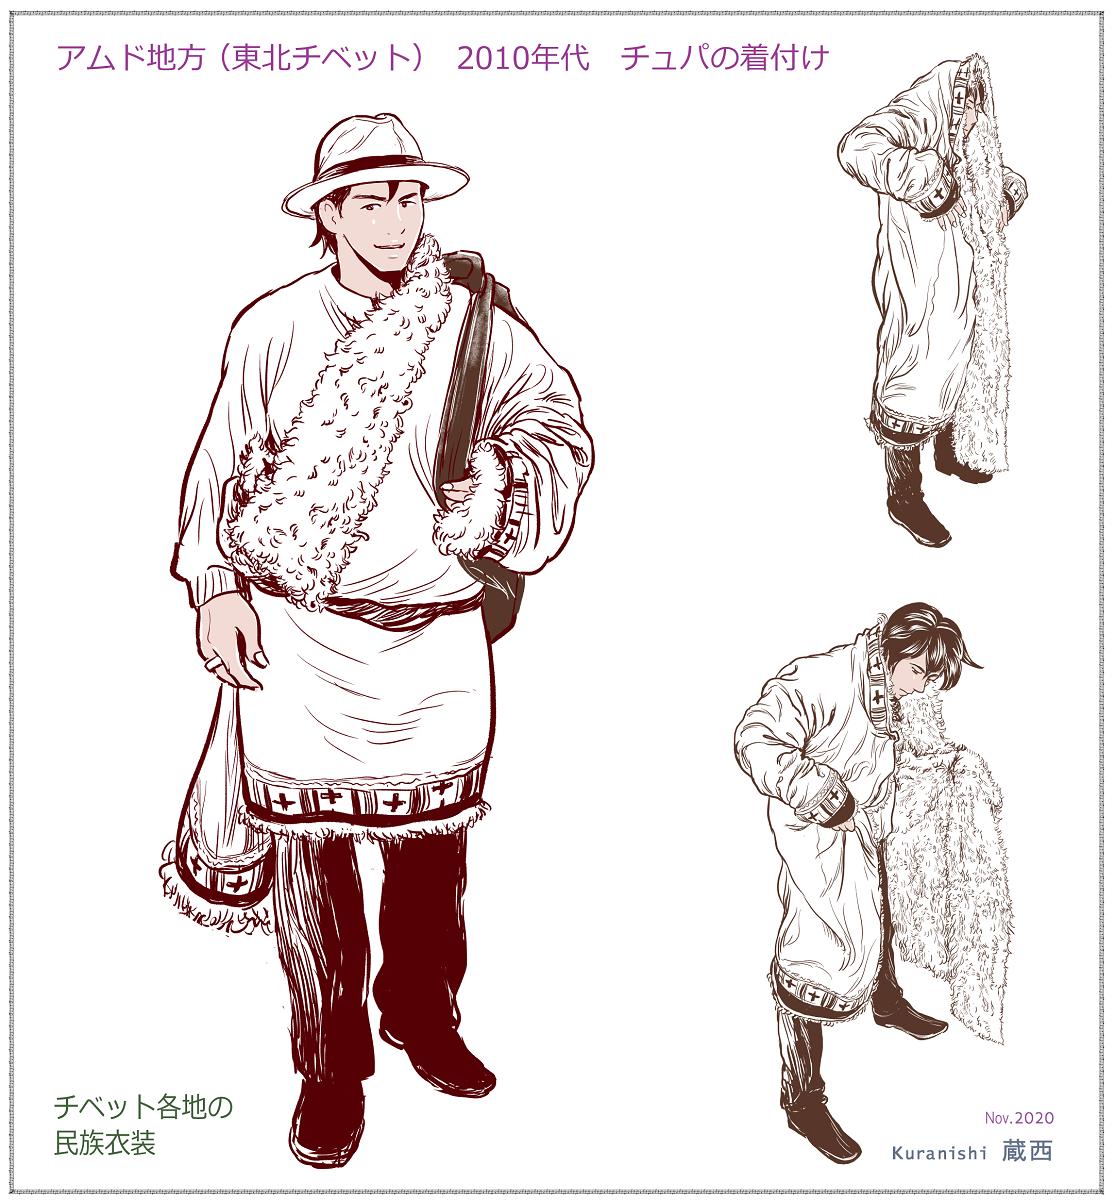 f:id:kuranishitibet:20201128182635p:plain